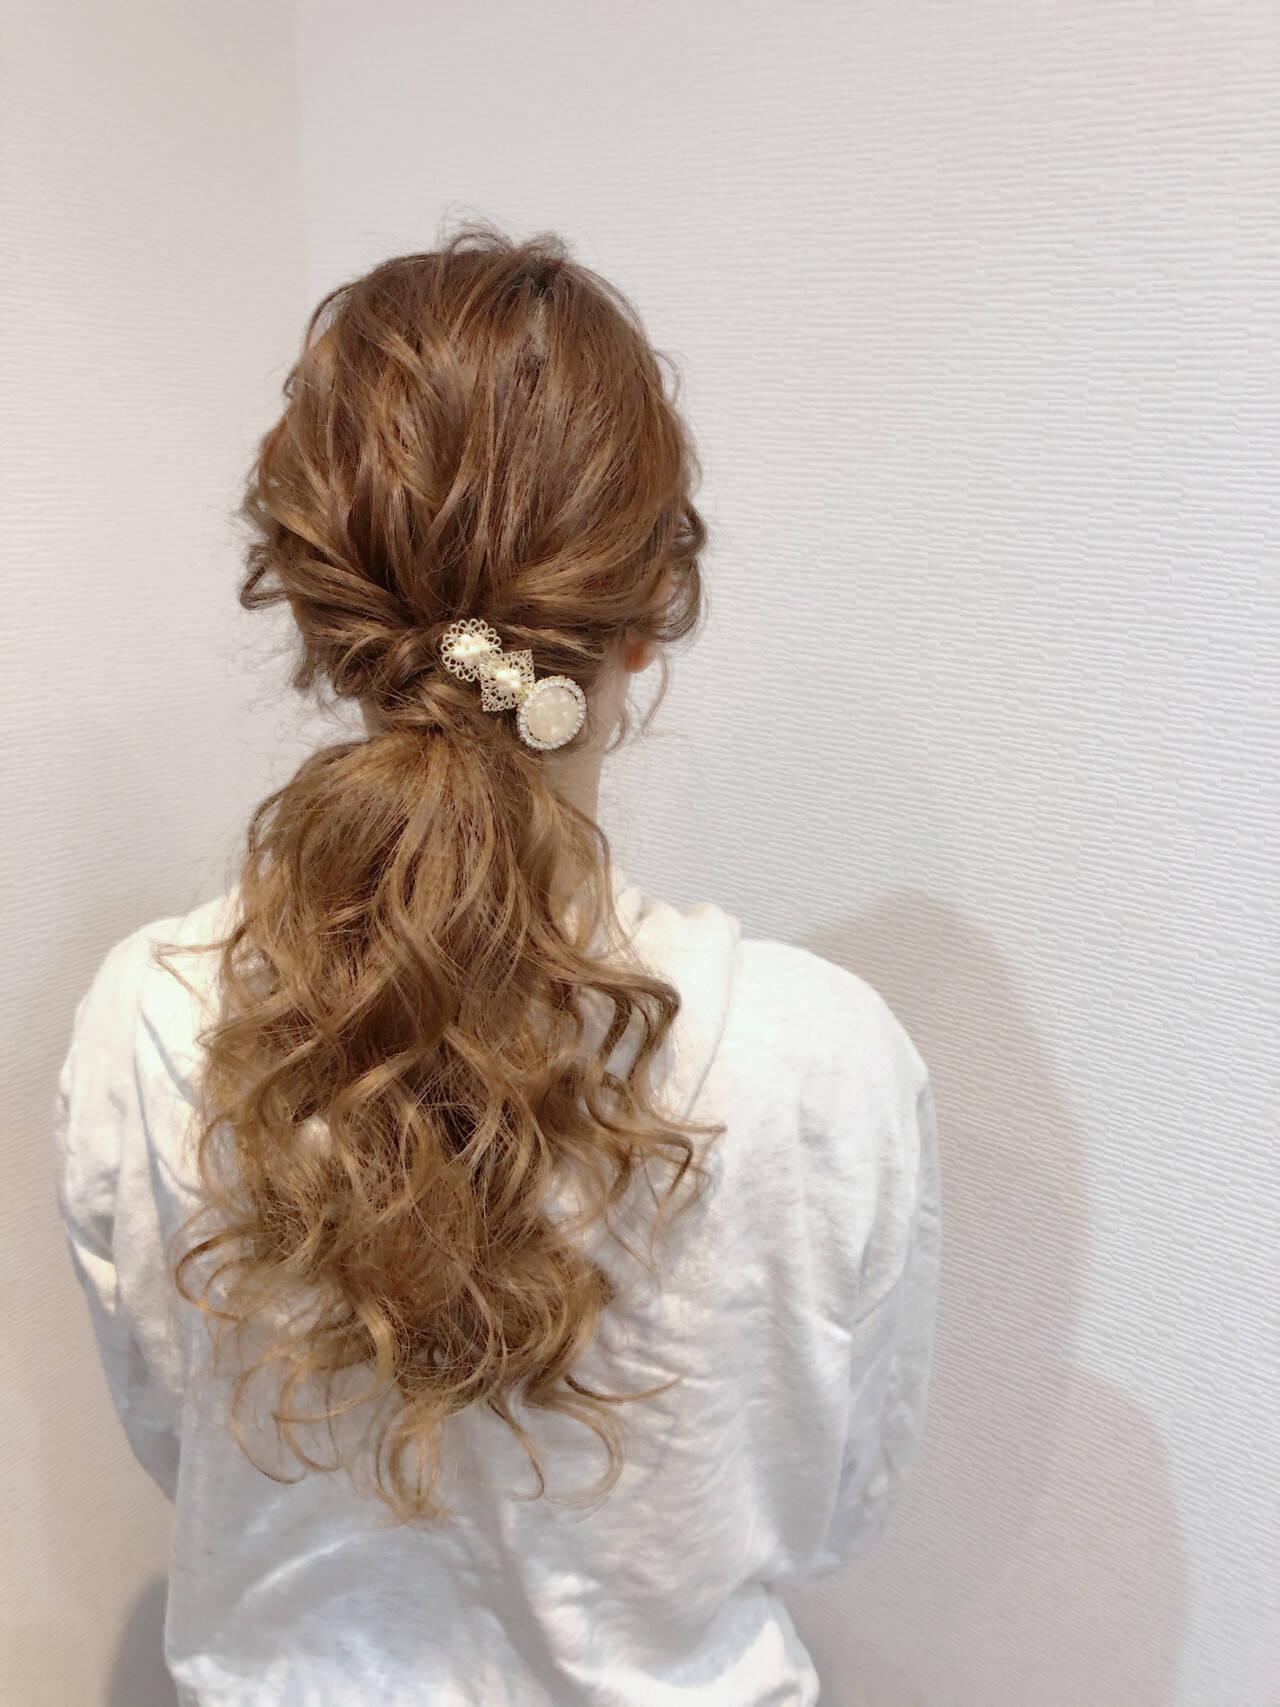 ポニーテール フェミニン ポニーテールアレンジ ヘアセットヘアスタイルや髪型の写真・画像